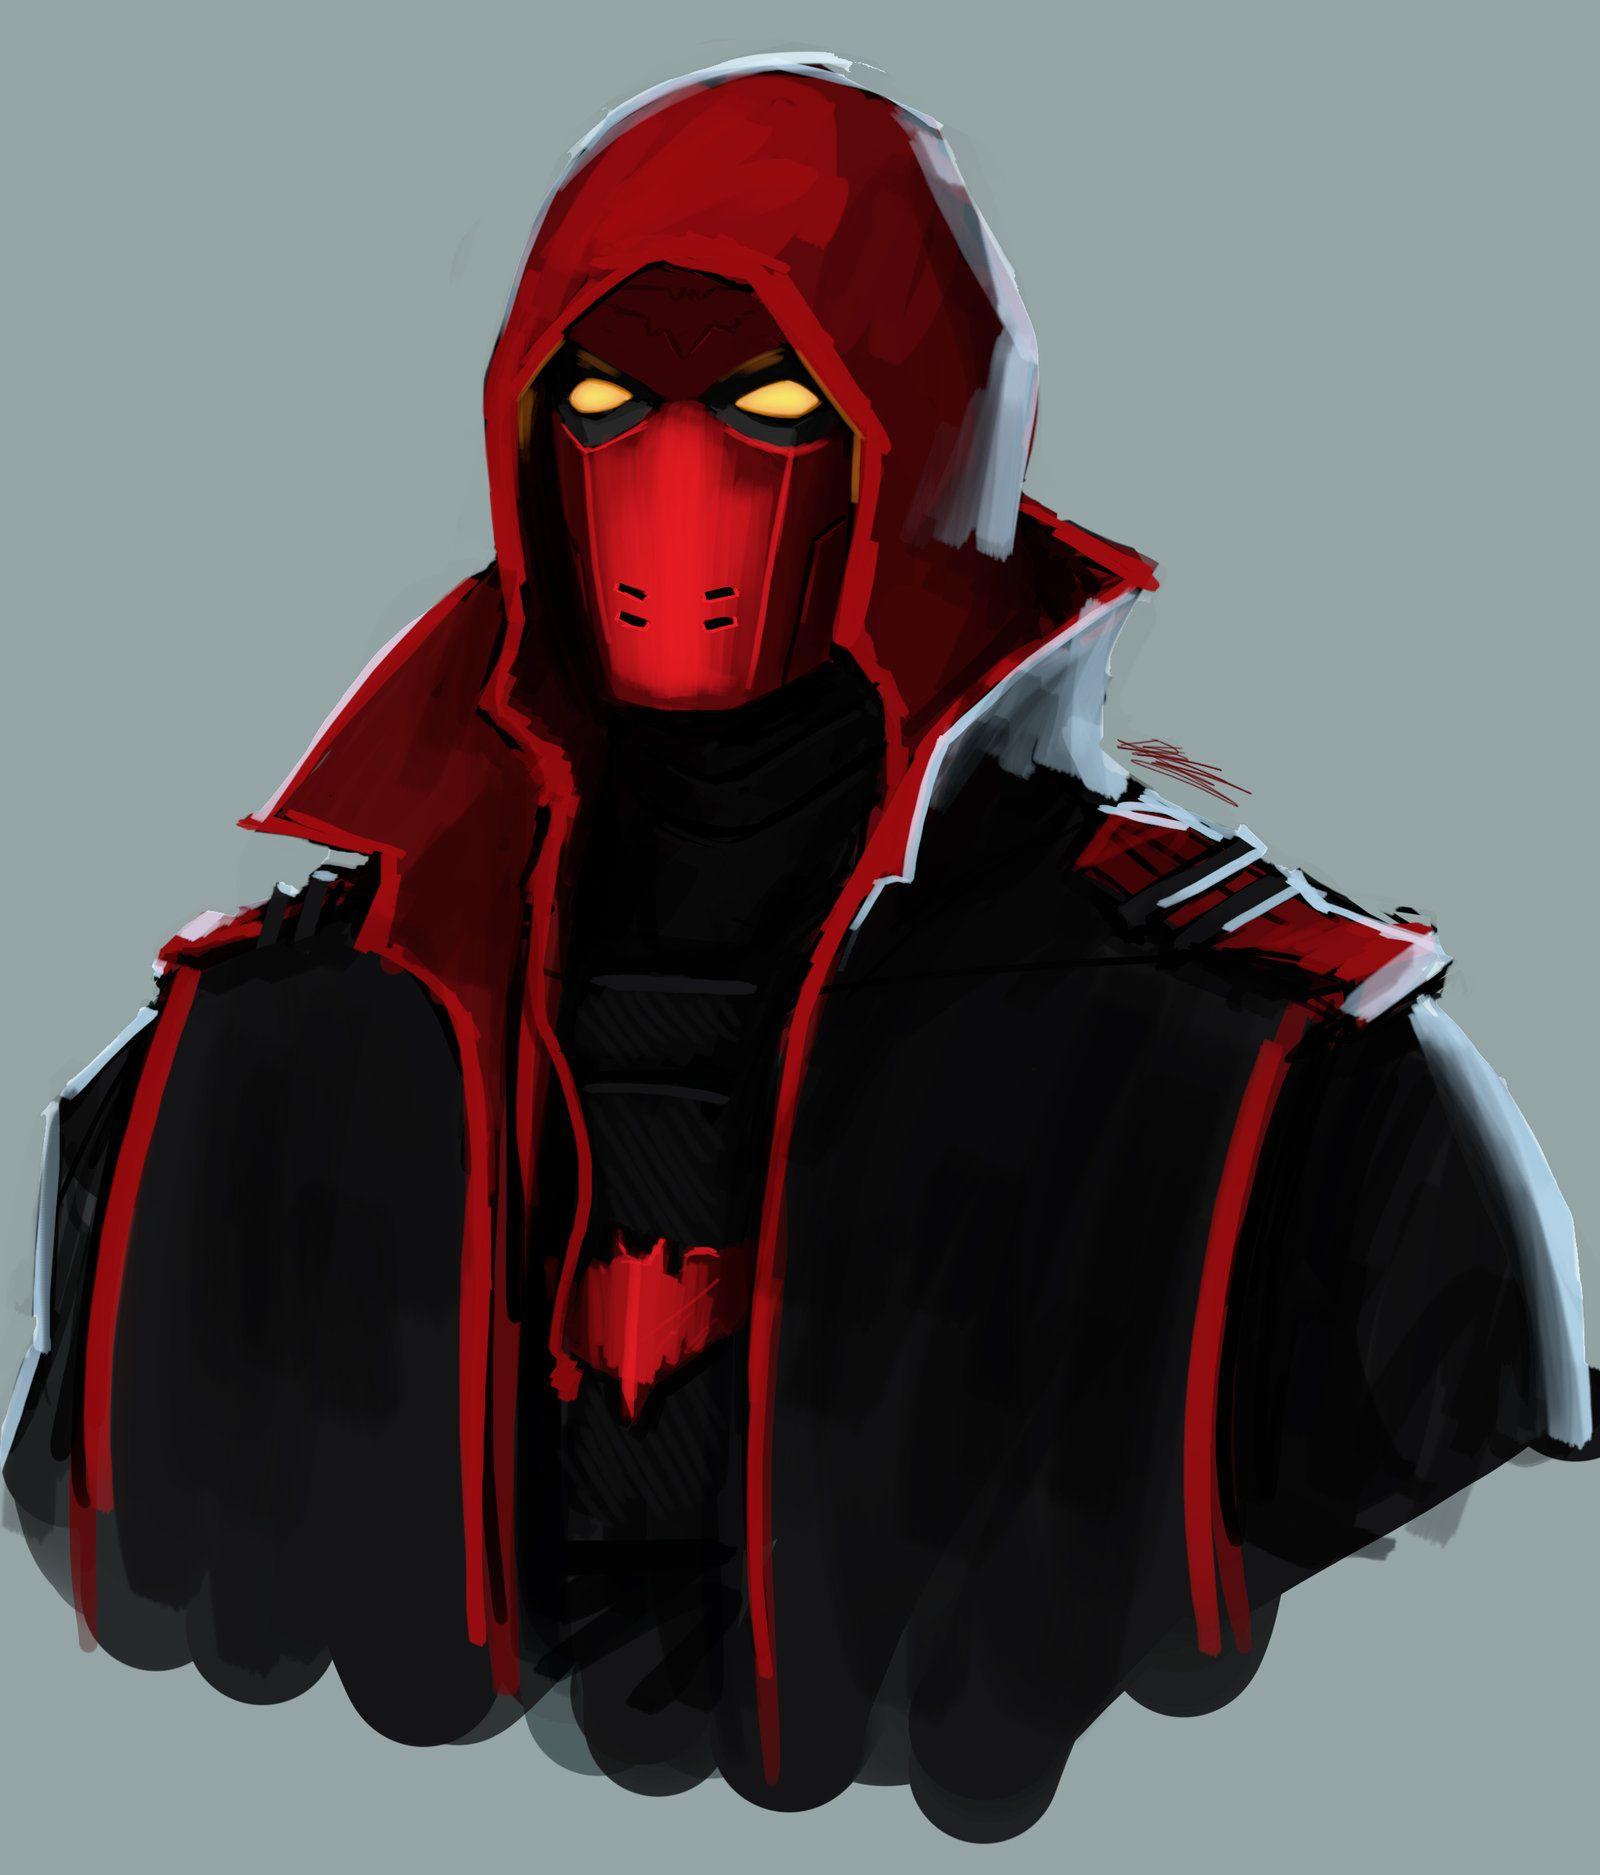 red hood fan art - Google Search | Batman World ...